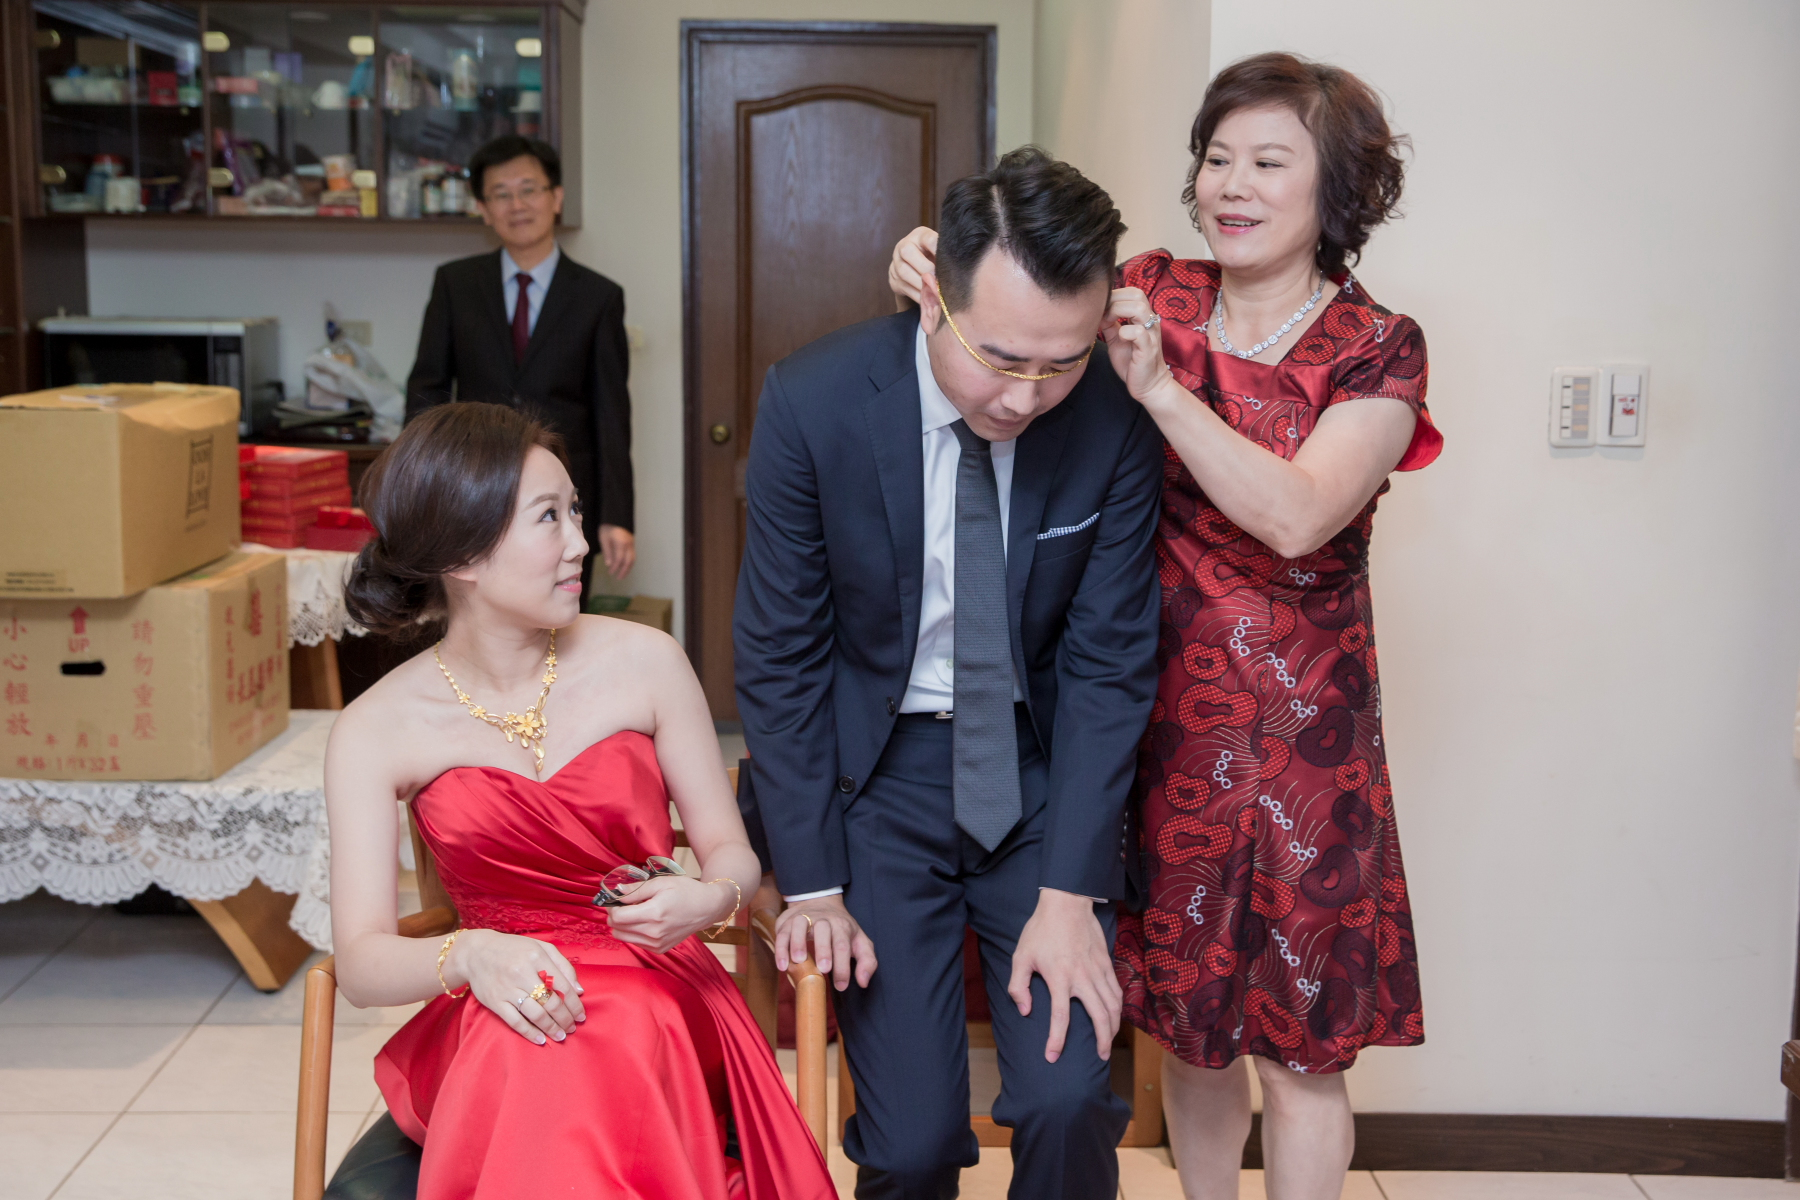 鴻璿鈺婷婚禮130